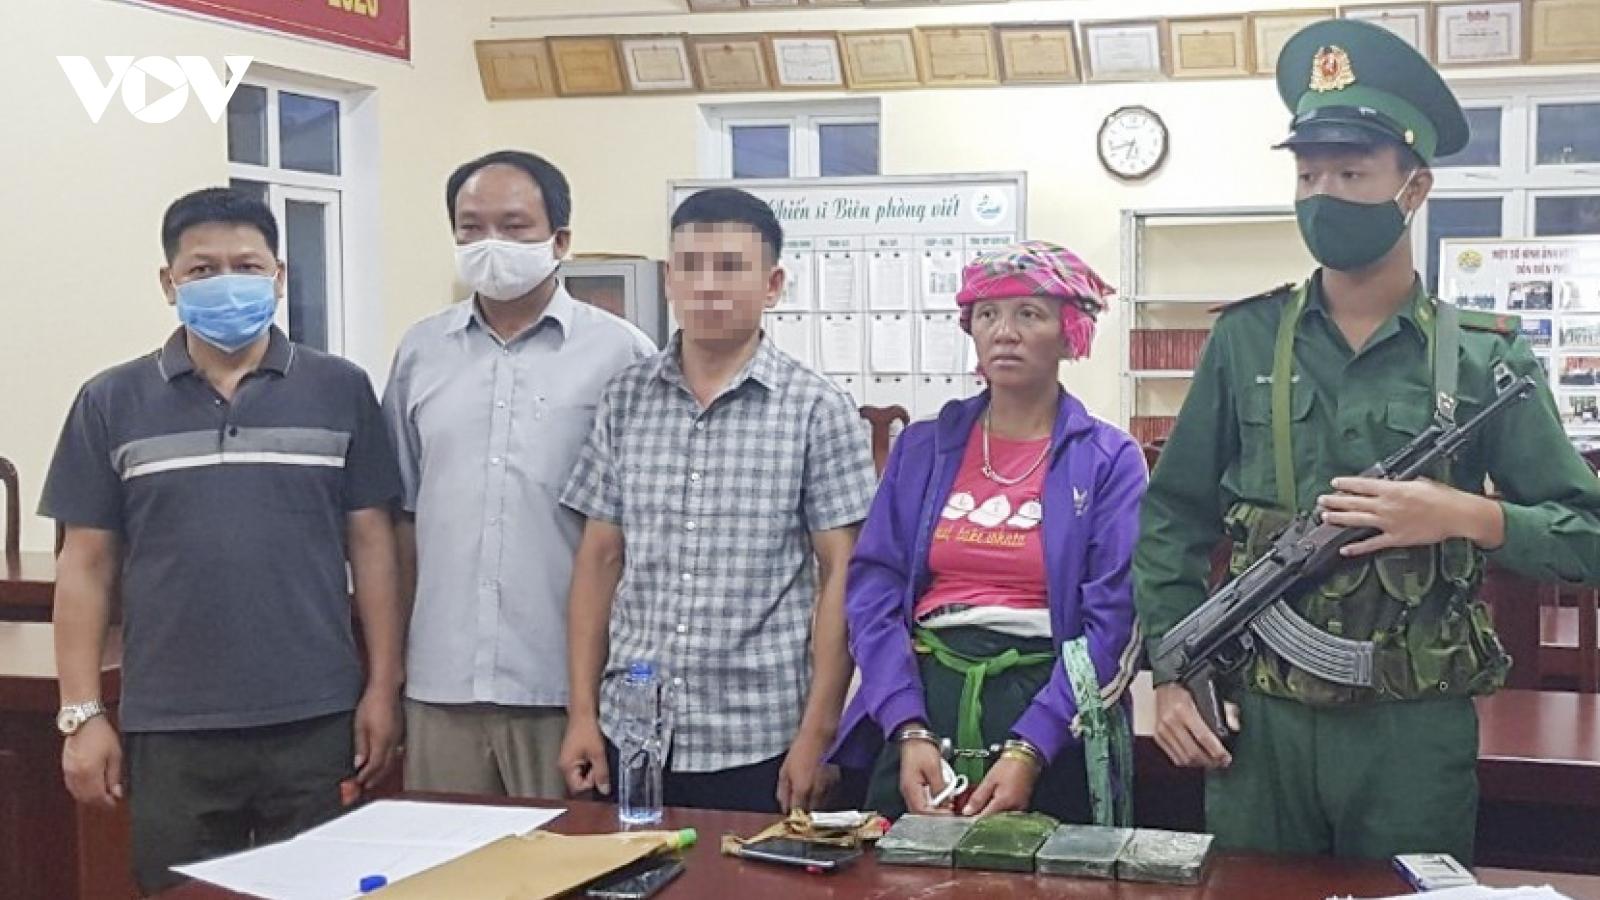 Bắt giữ một phụ nữ người Lào mang 4 bánh heroin vào Việt Nam